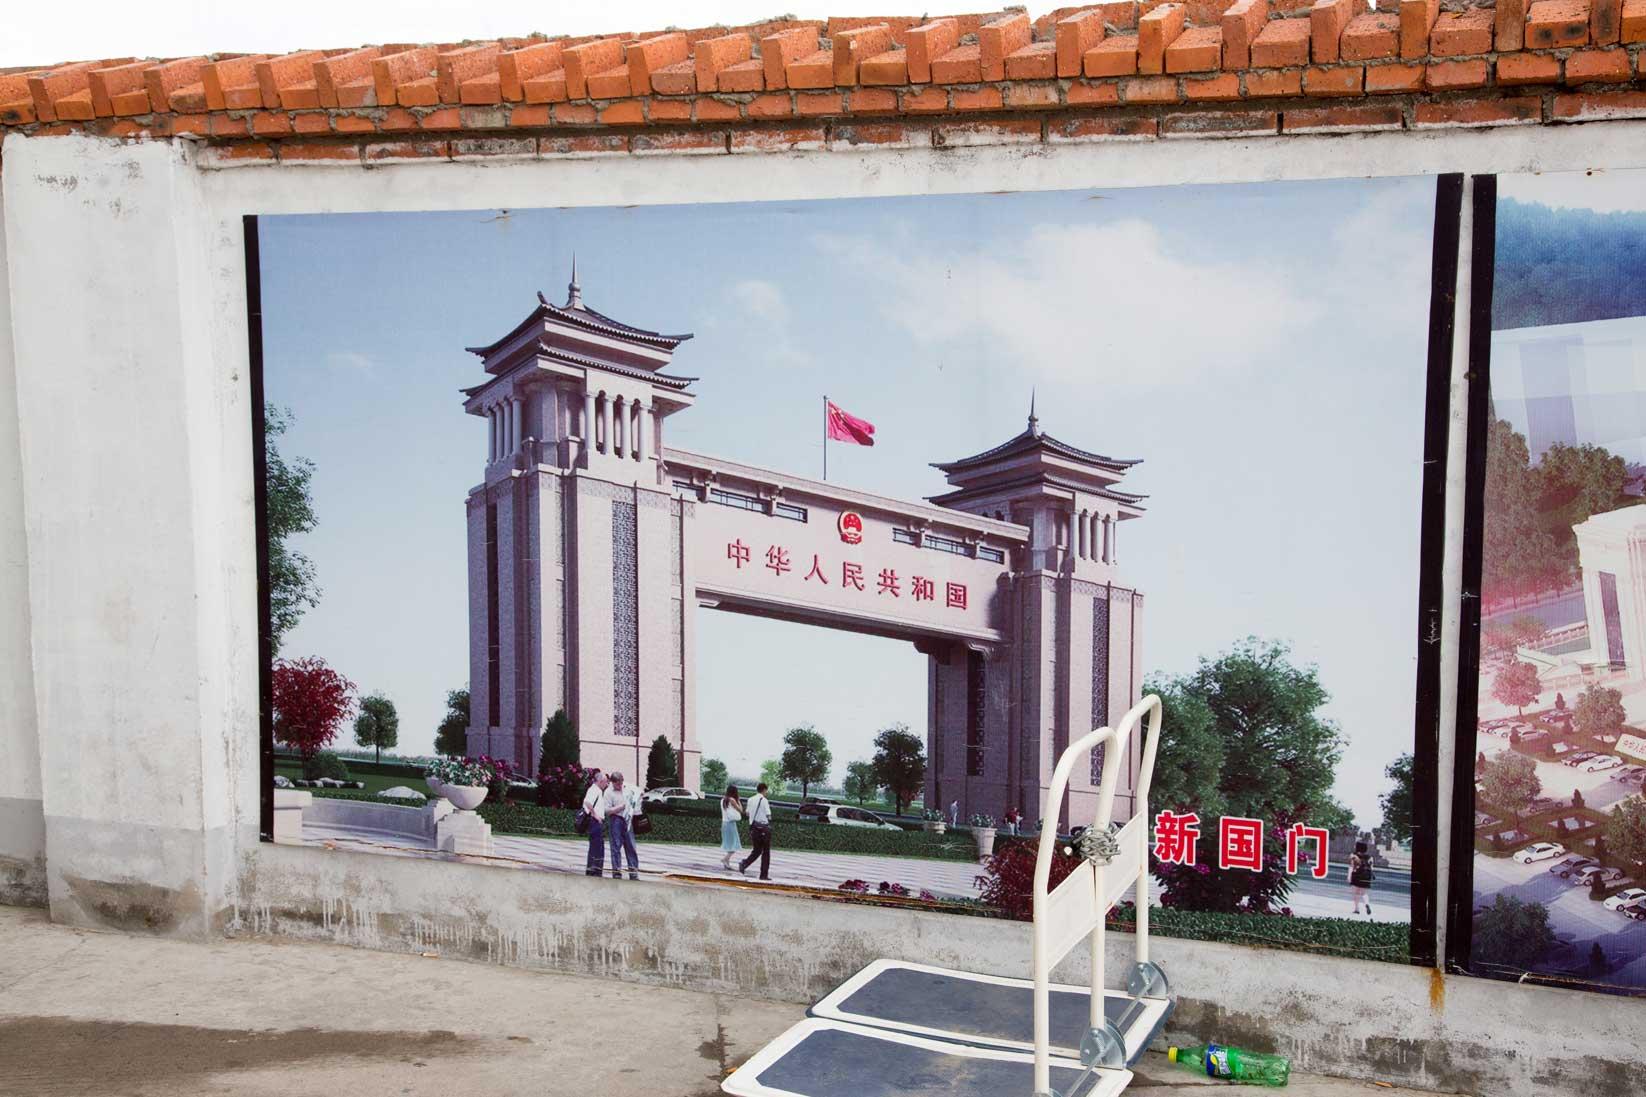 綏芬河の新国境ゲート建設は進行中_b0235153_17561021.jpg